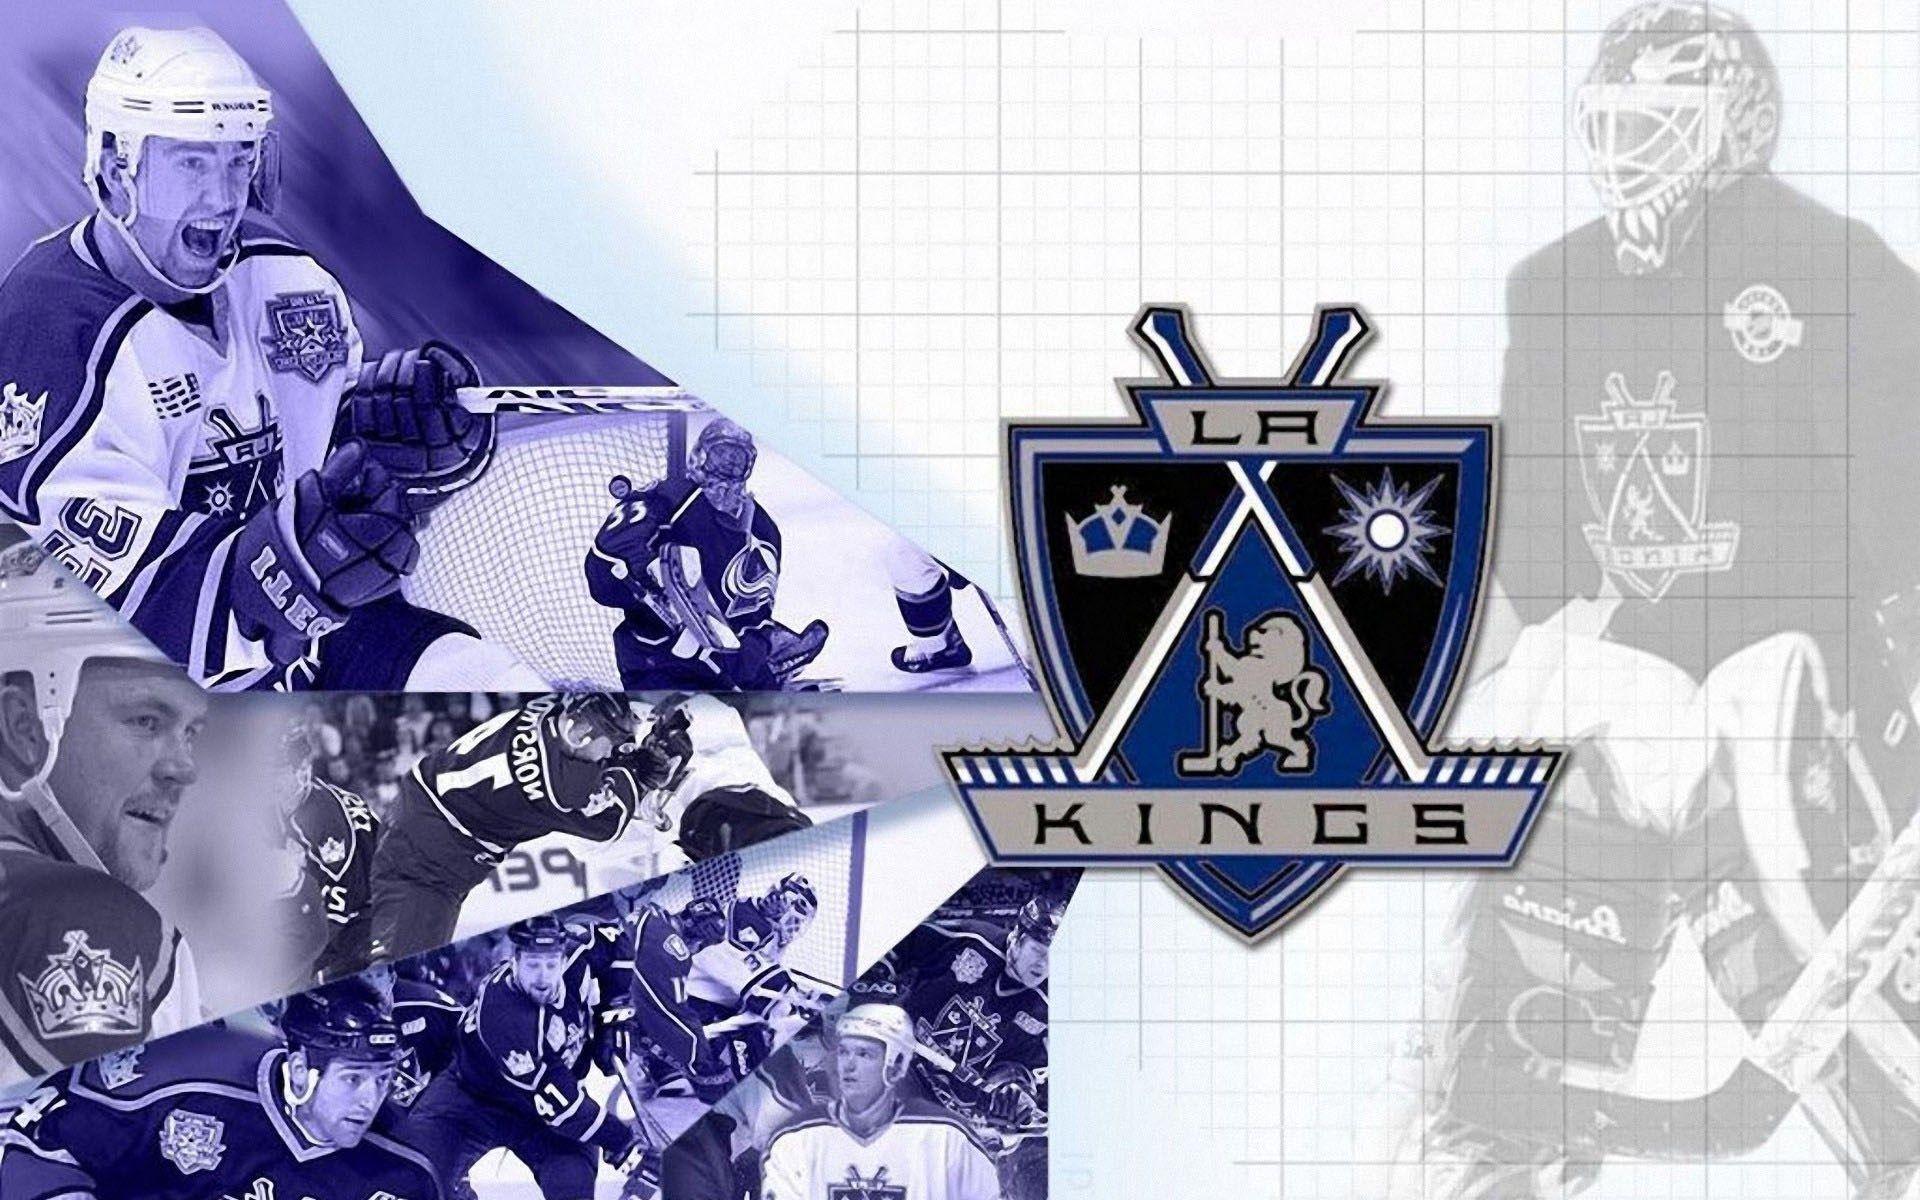 Hd la kings logo background ololoshka pinterest logos hd la kings logo background voltagebd Gallery